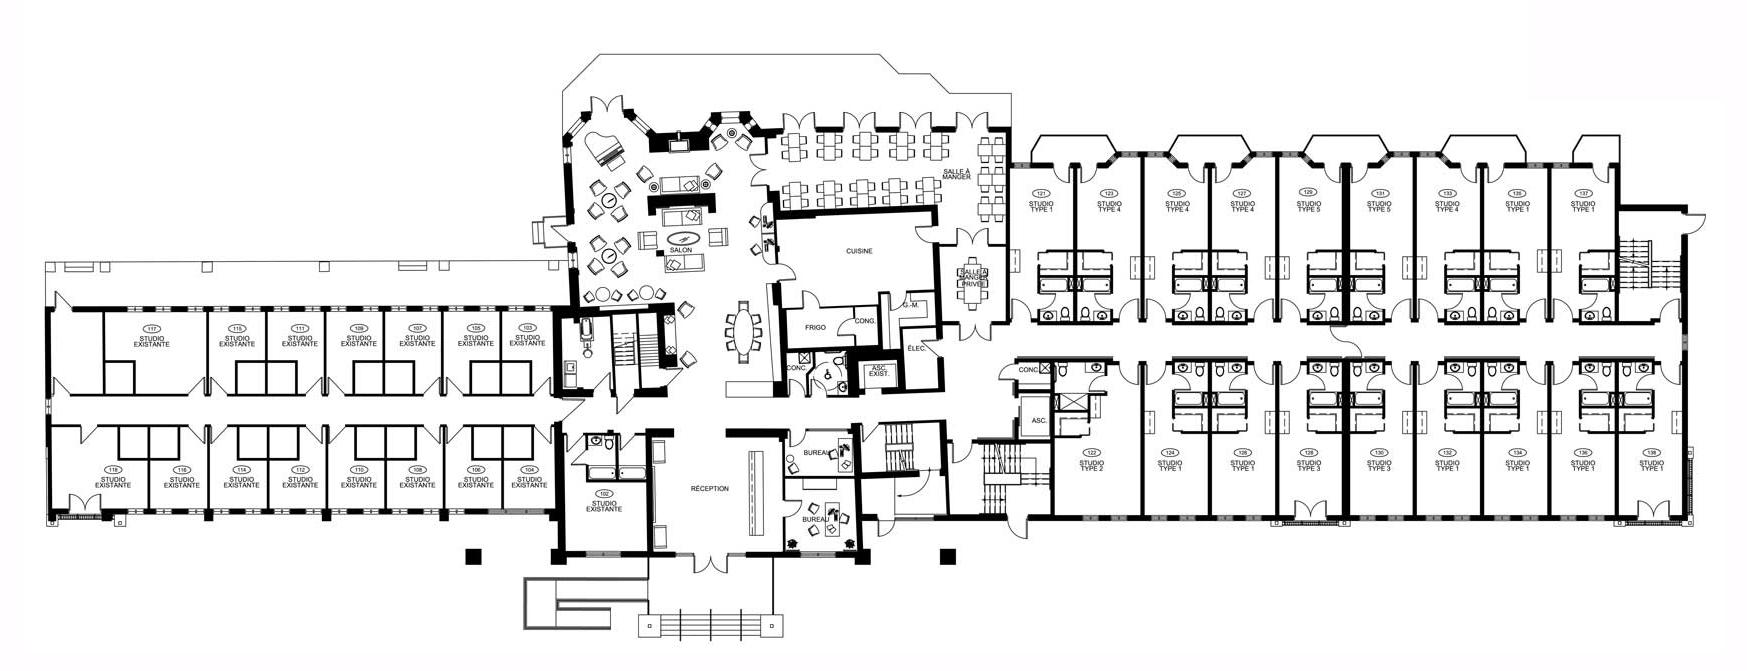 Plan d'étage - Rez-de-Chaussée